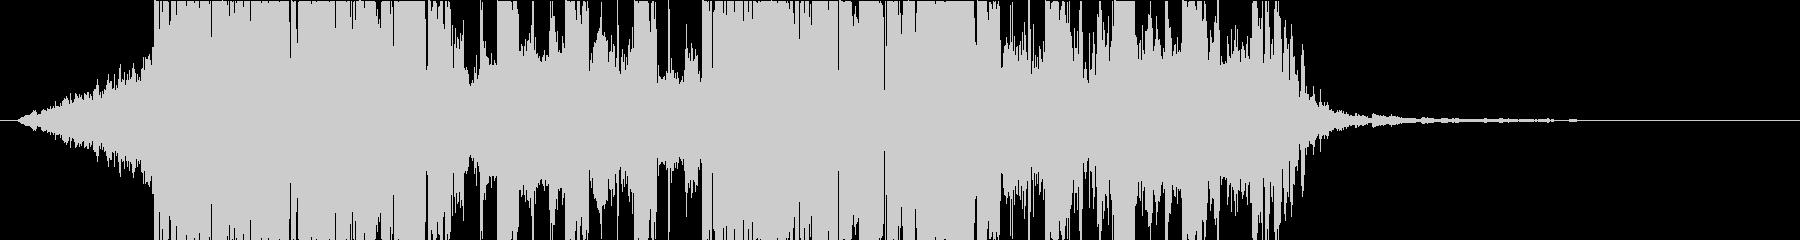 DUBSTEP クール ジングル168の未再生の波形